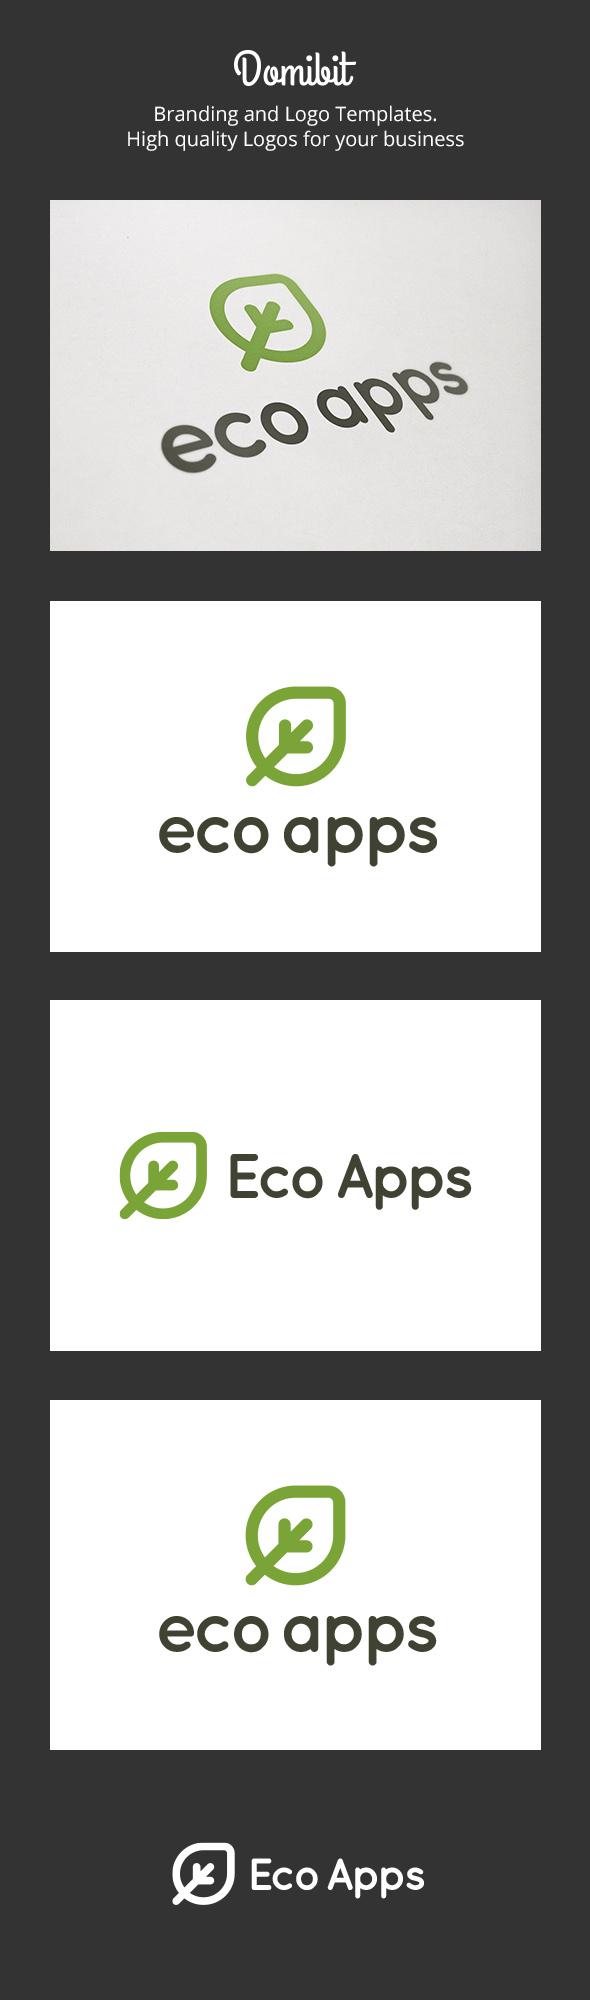 GraphicRiver Eco Apps Logo 6310130